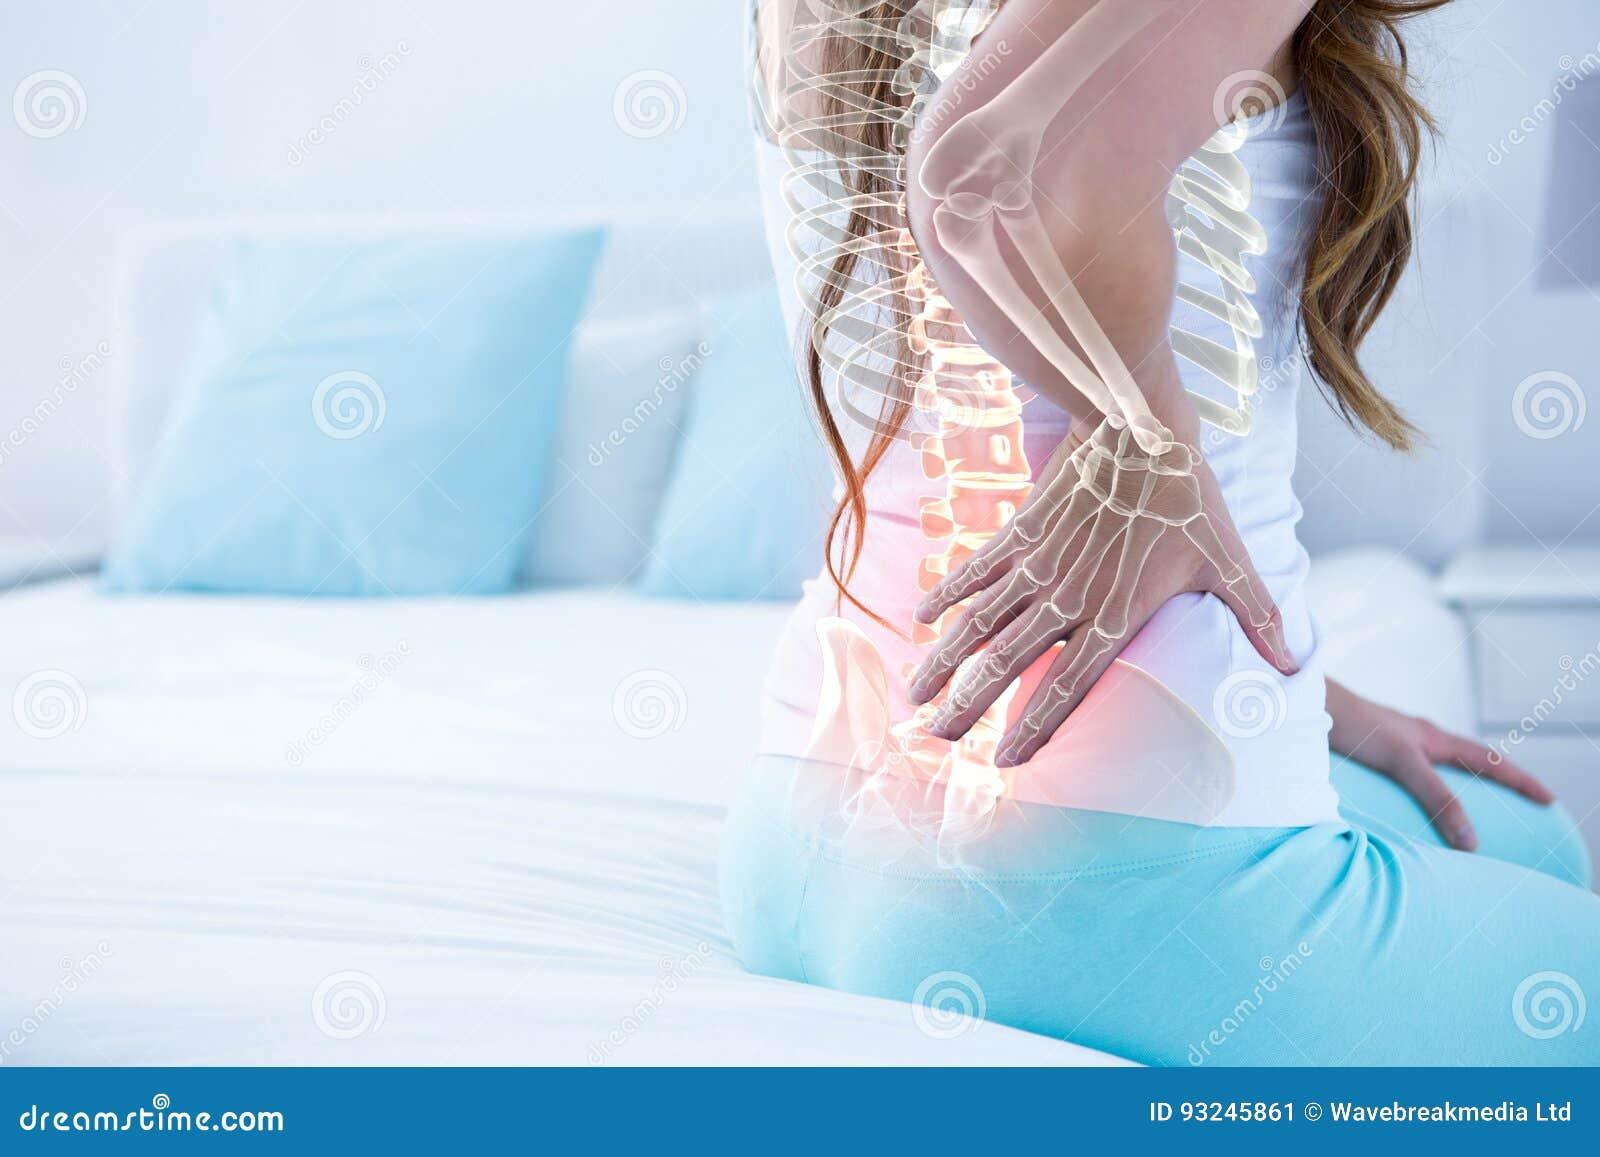 Ψηφιακό σύνθετο της τονισμένης σπονδυλικής στήλης της γυναίκας με τον πόνο στην πλάτη